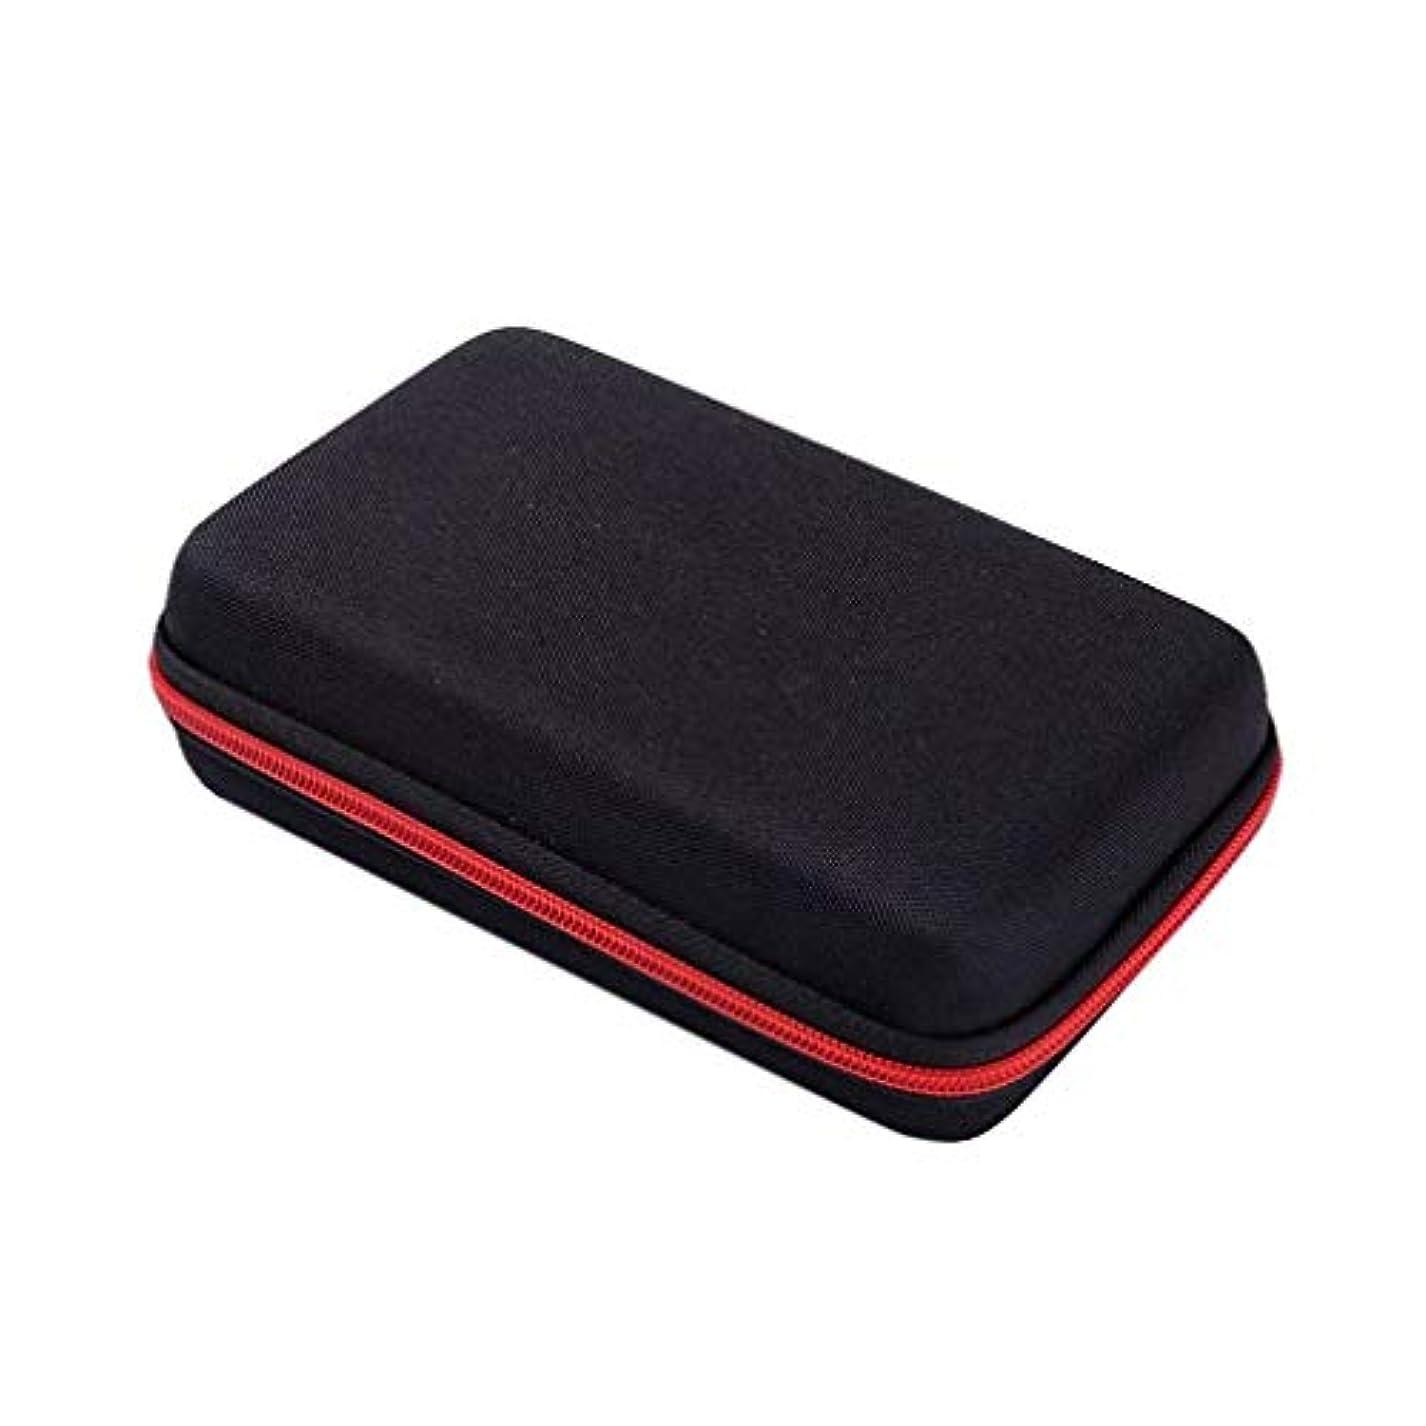 不機嫌スペイン語カートンフィリップスブレードトラベルボックスポータブルカバーケースバッグおしゃれなシンプルな落下防止のための圧縮耐性で高度にタフ